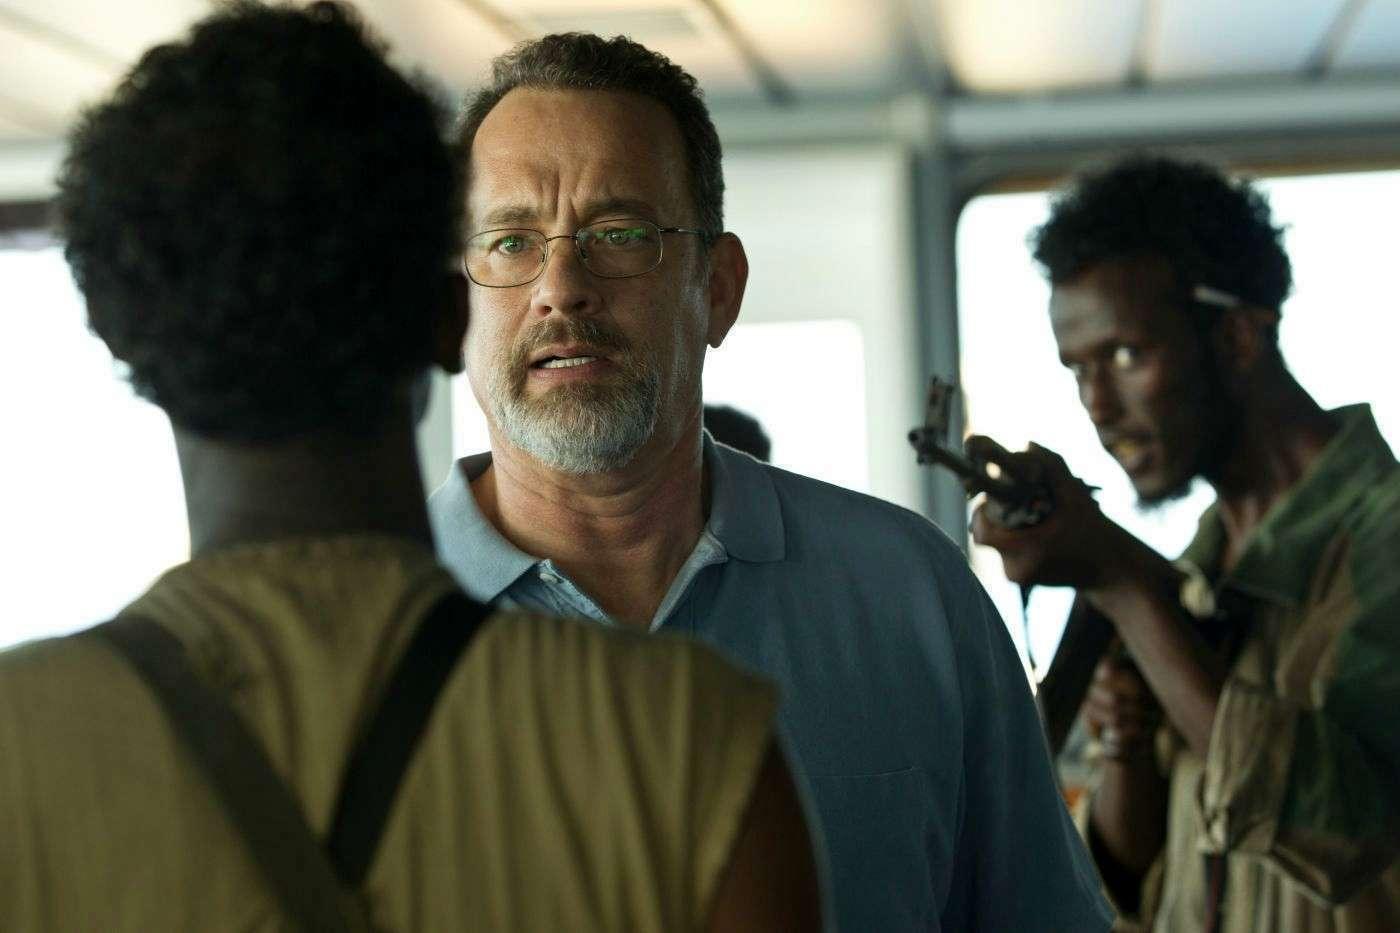 Captain Phillips scene